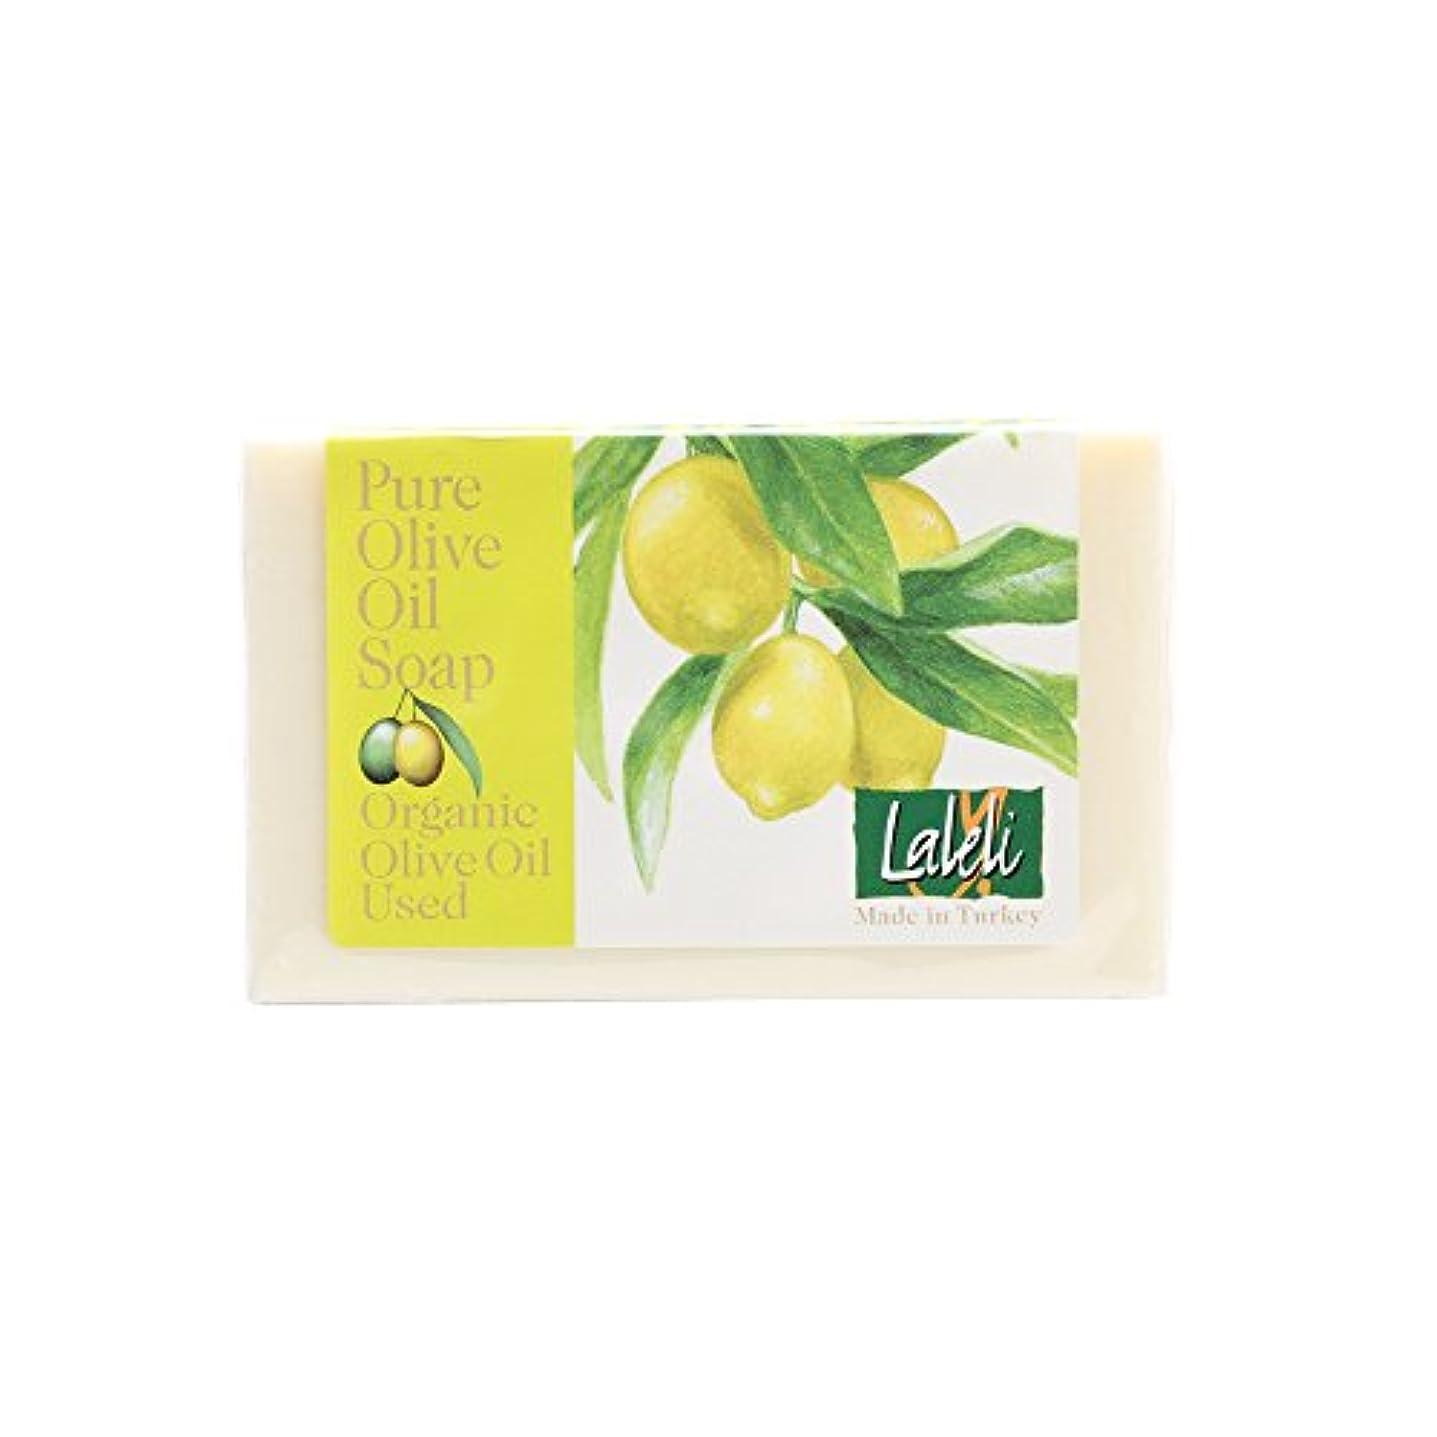 蓋スロットリフレッシュラーレリ オーガニックオリーブオイルソープ レモン 120g